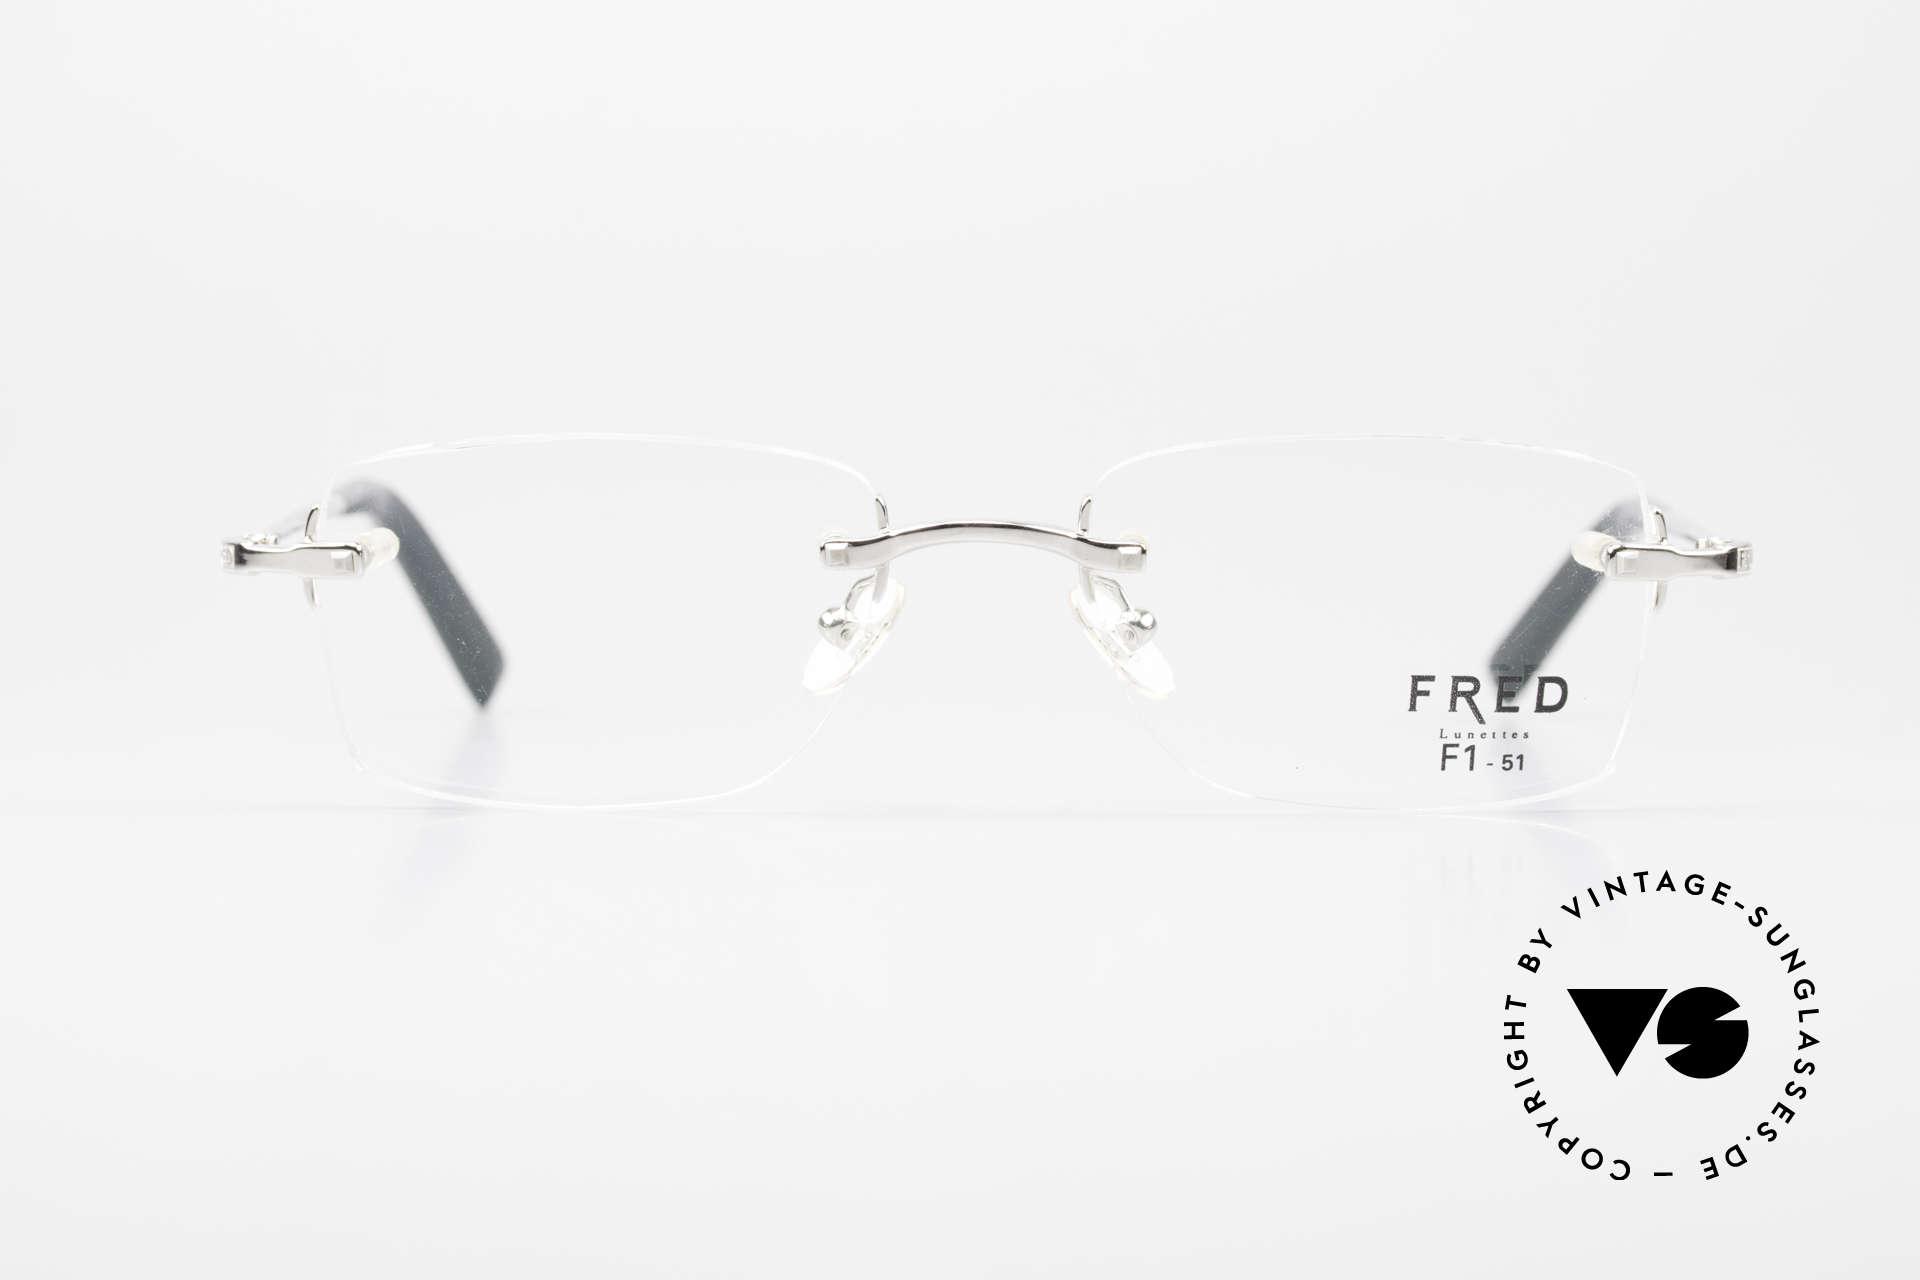 Fred Manhattan Randlosbrille Luxus Platinum, Fred F1 51: kostbare Platin-Legierung in TOP-Qualität, Passend für Herren und Damen